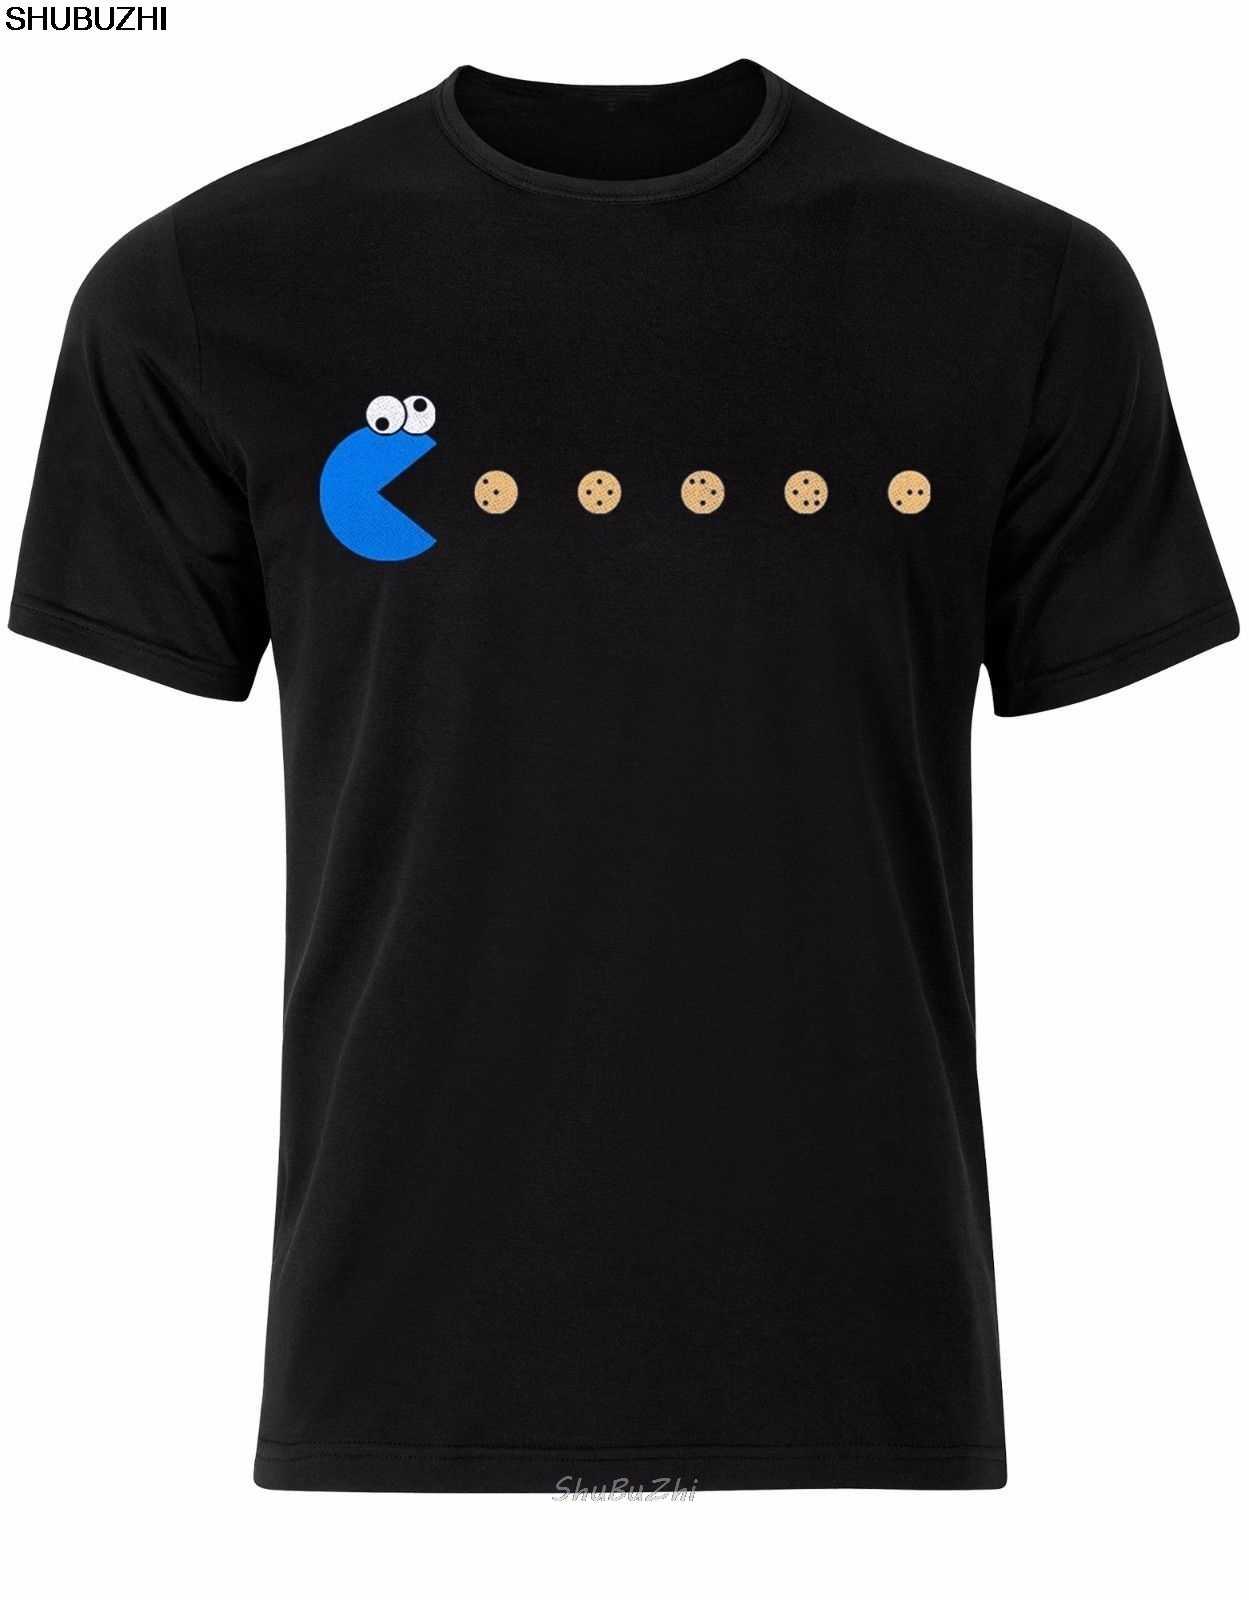 Cookie potwór ulica sezamkowa chcę cookie Om nom mężczyzna Tshirt Top AL77 Cartoon t koszula mężczyzna Unisex nowy shubuzhi sbz3048